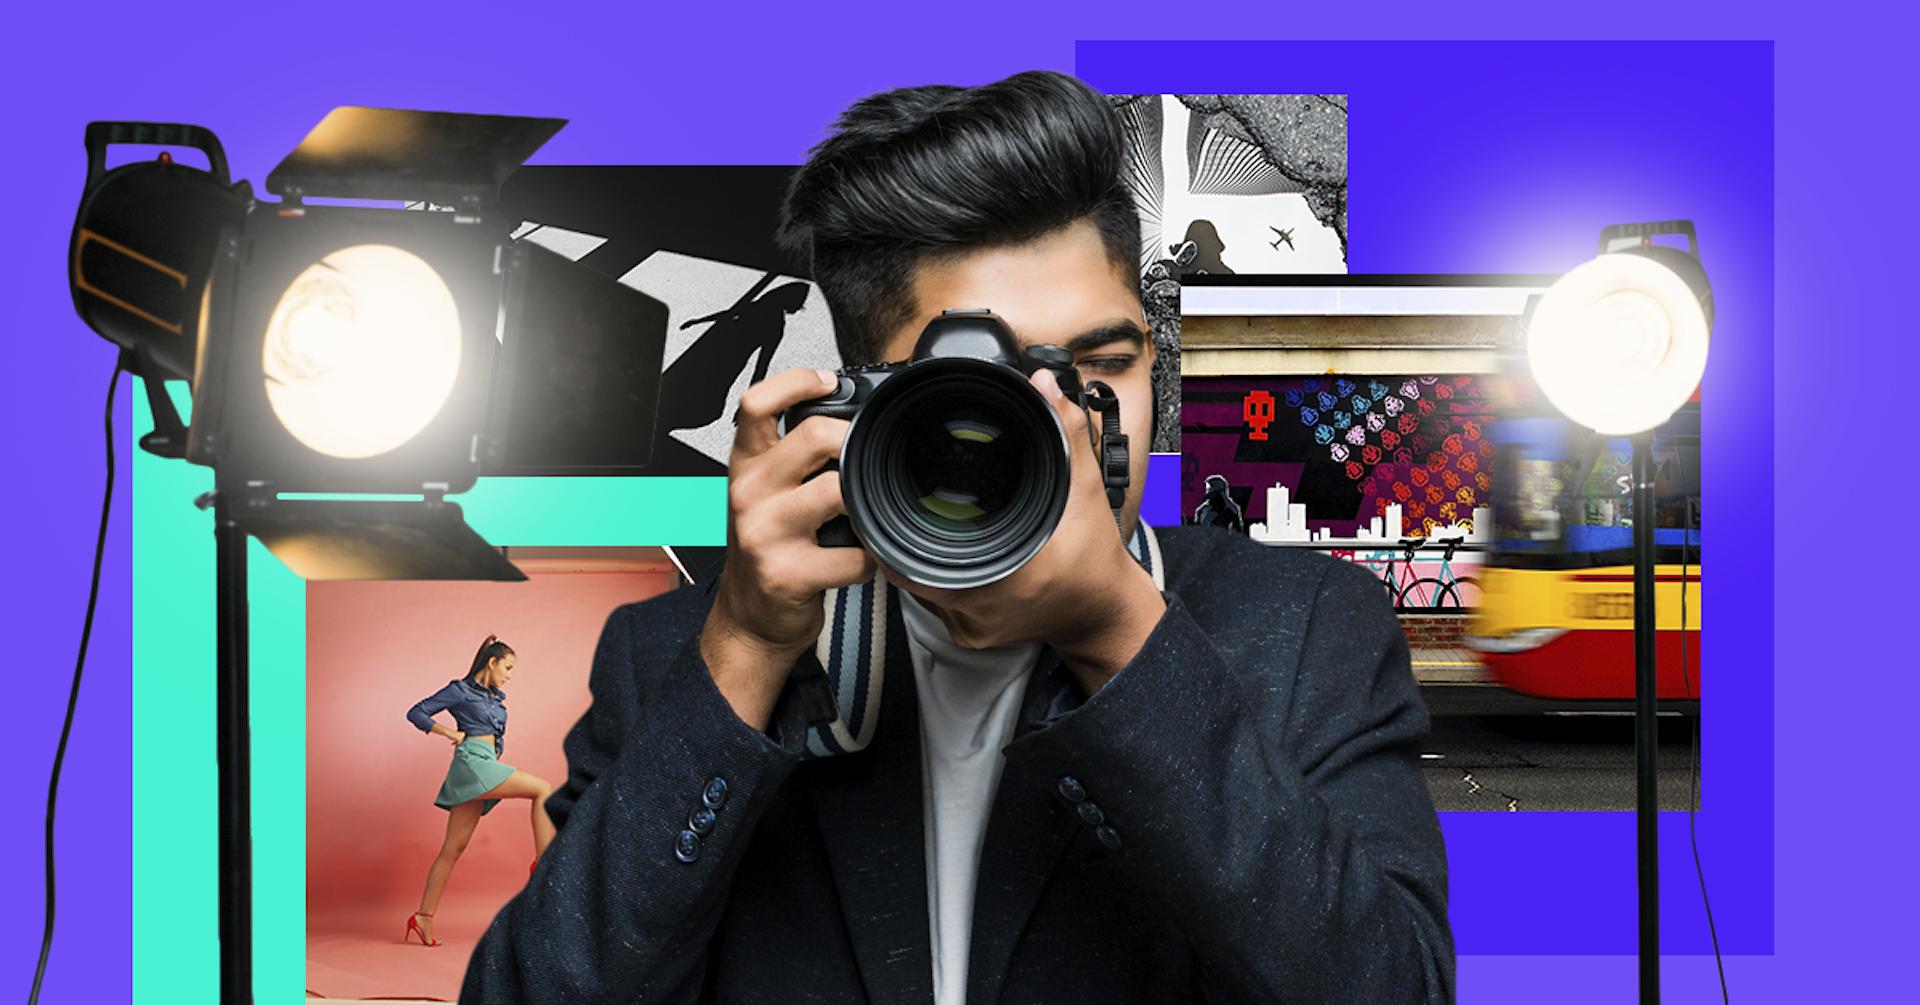 20 ideas para sesión de fotos que desatarán tu creatividad en este 2021